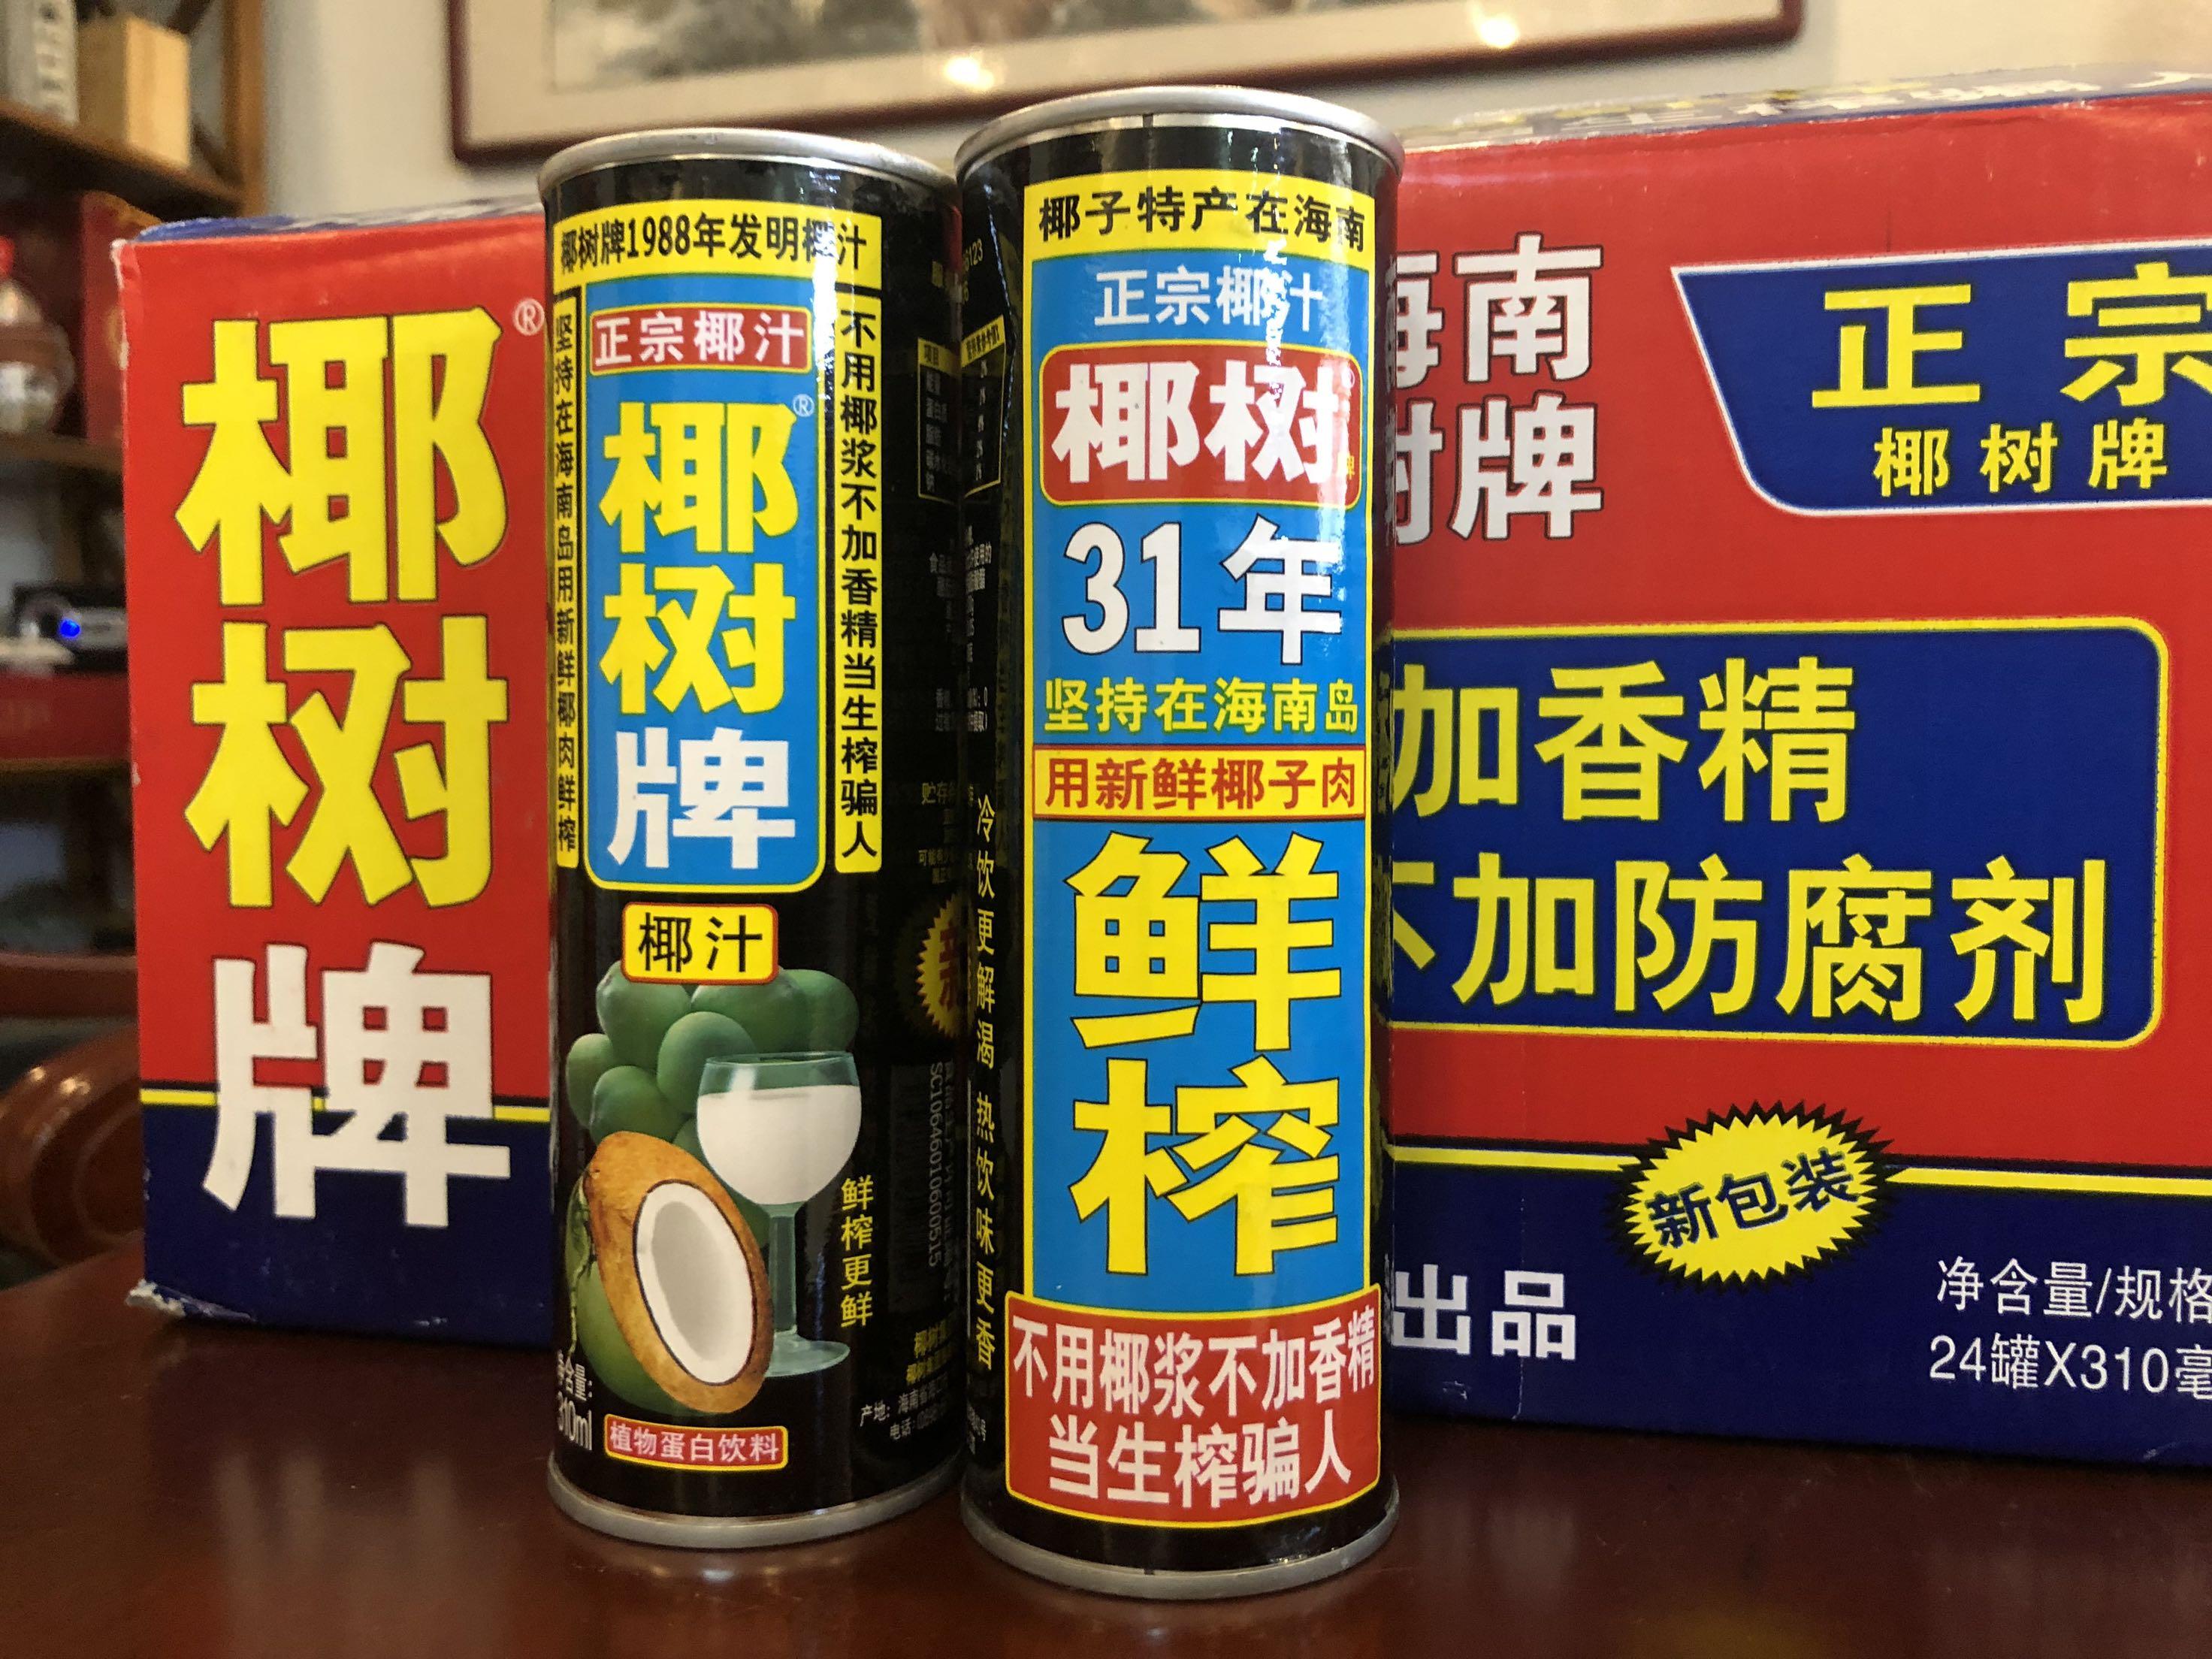 正宗椰树牌椰子汁310ml*24罐植物蛋白饮料整箱听装健康饮料鲜榨